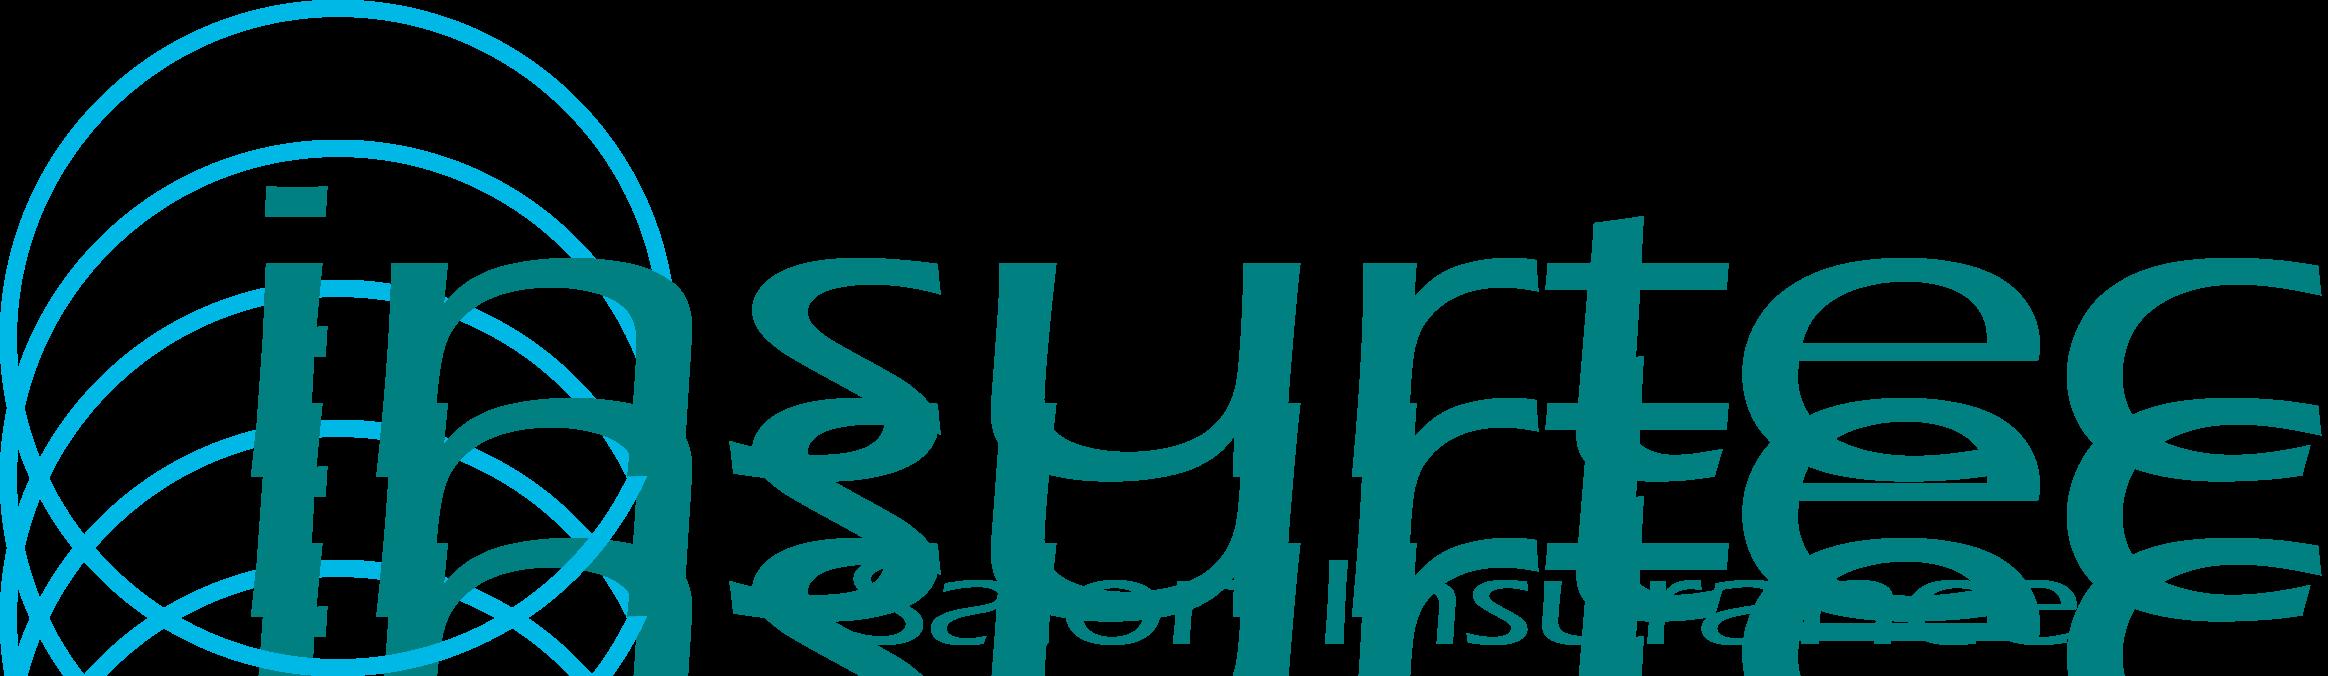 Insurtec Insurance